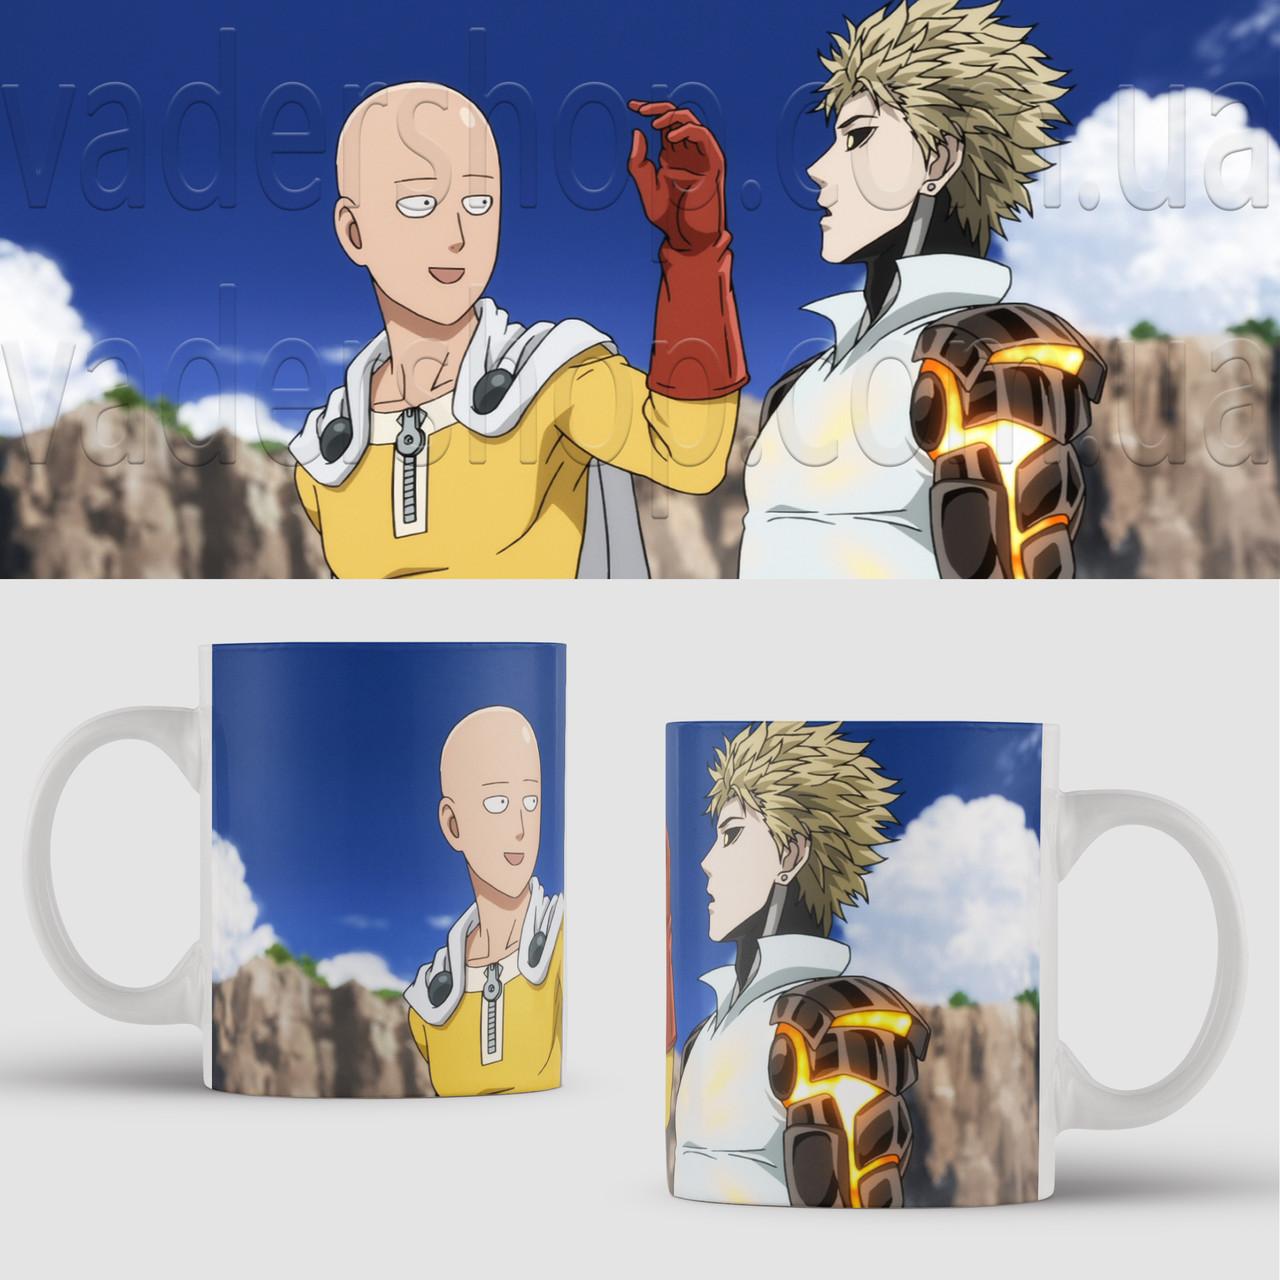 Чашка Ван Панч Мен Сайтама. Аниме. Saitama One Punch Man. Чашка с фото